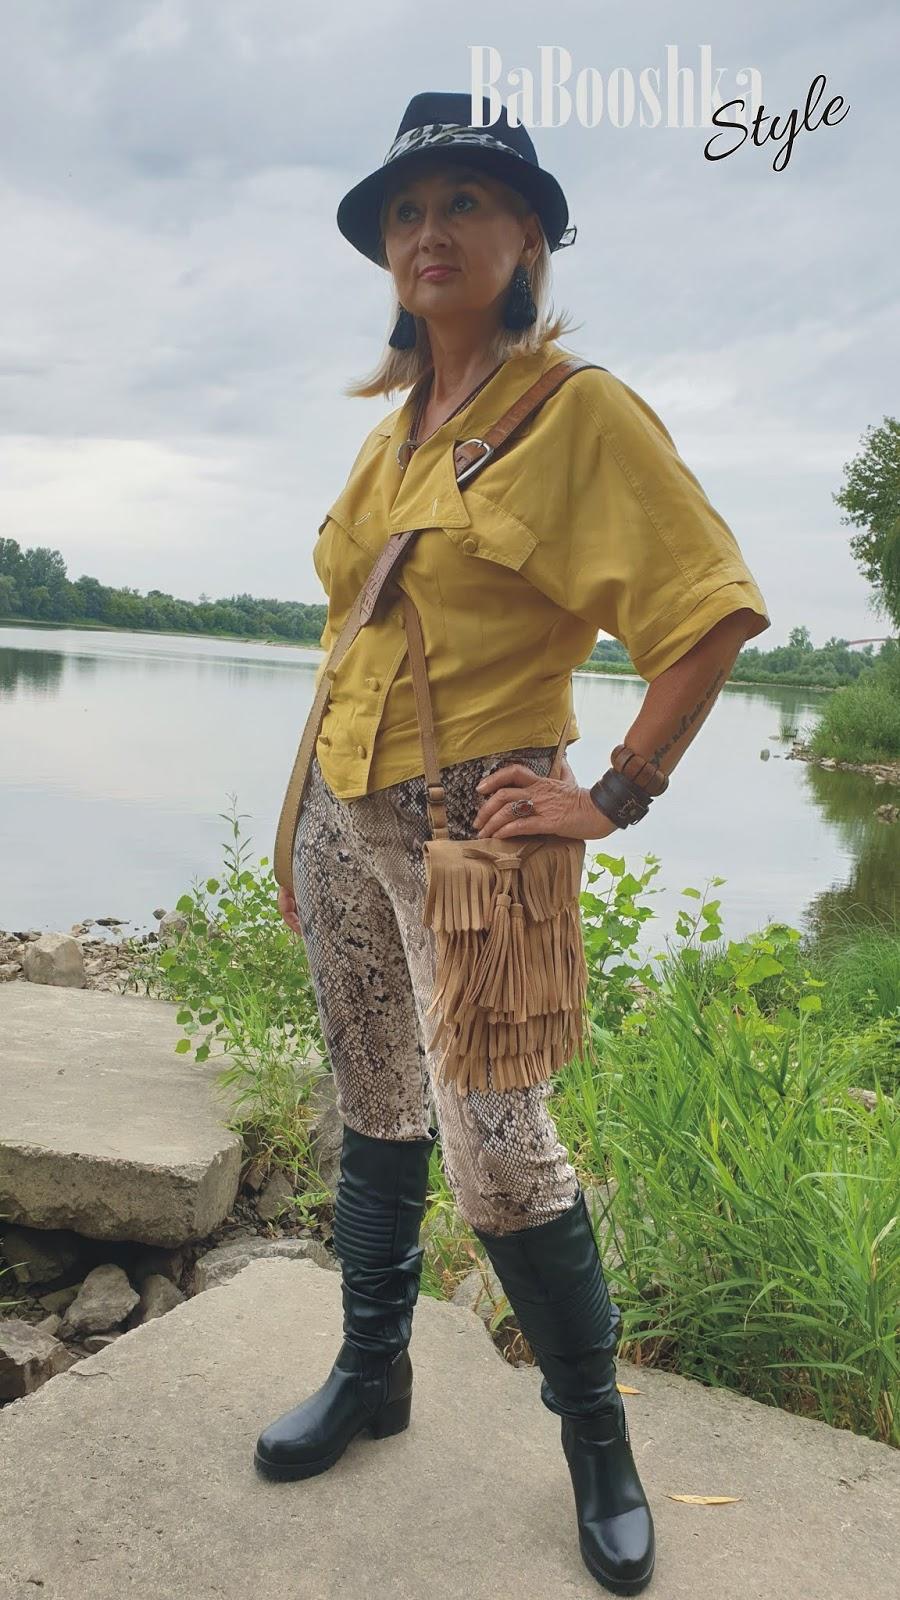 Babooshkastyle, zabawa modą, wyzwanie grupy, stylistka, styl safari, styl vintage, Stradivarius, CCC, polecam,